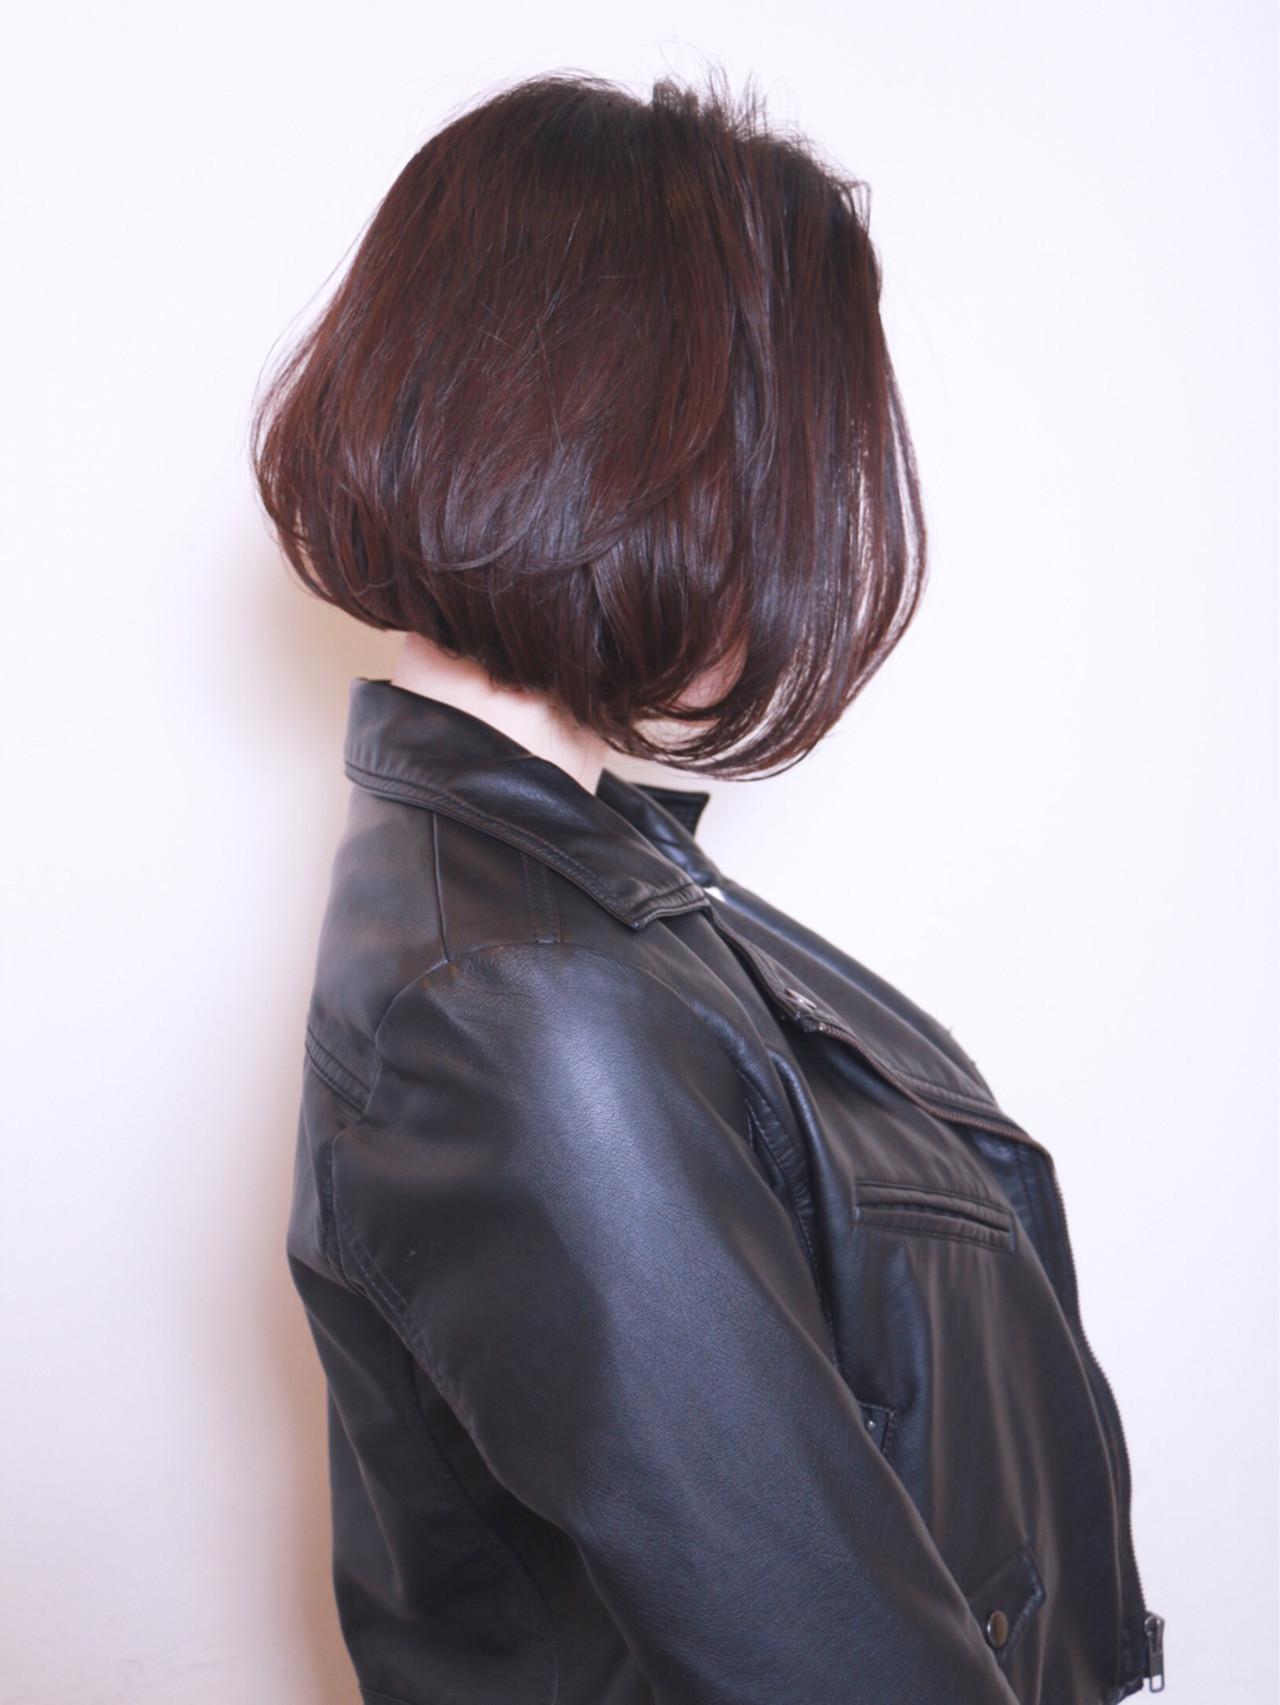 黒髪ストレートの面長さん向けボブ、ショートボブ♡ 星野 将太/柏/ボブ | R-EVOLUT hair